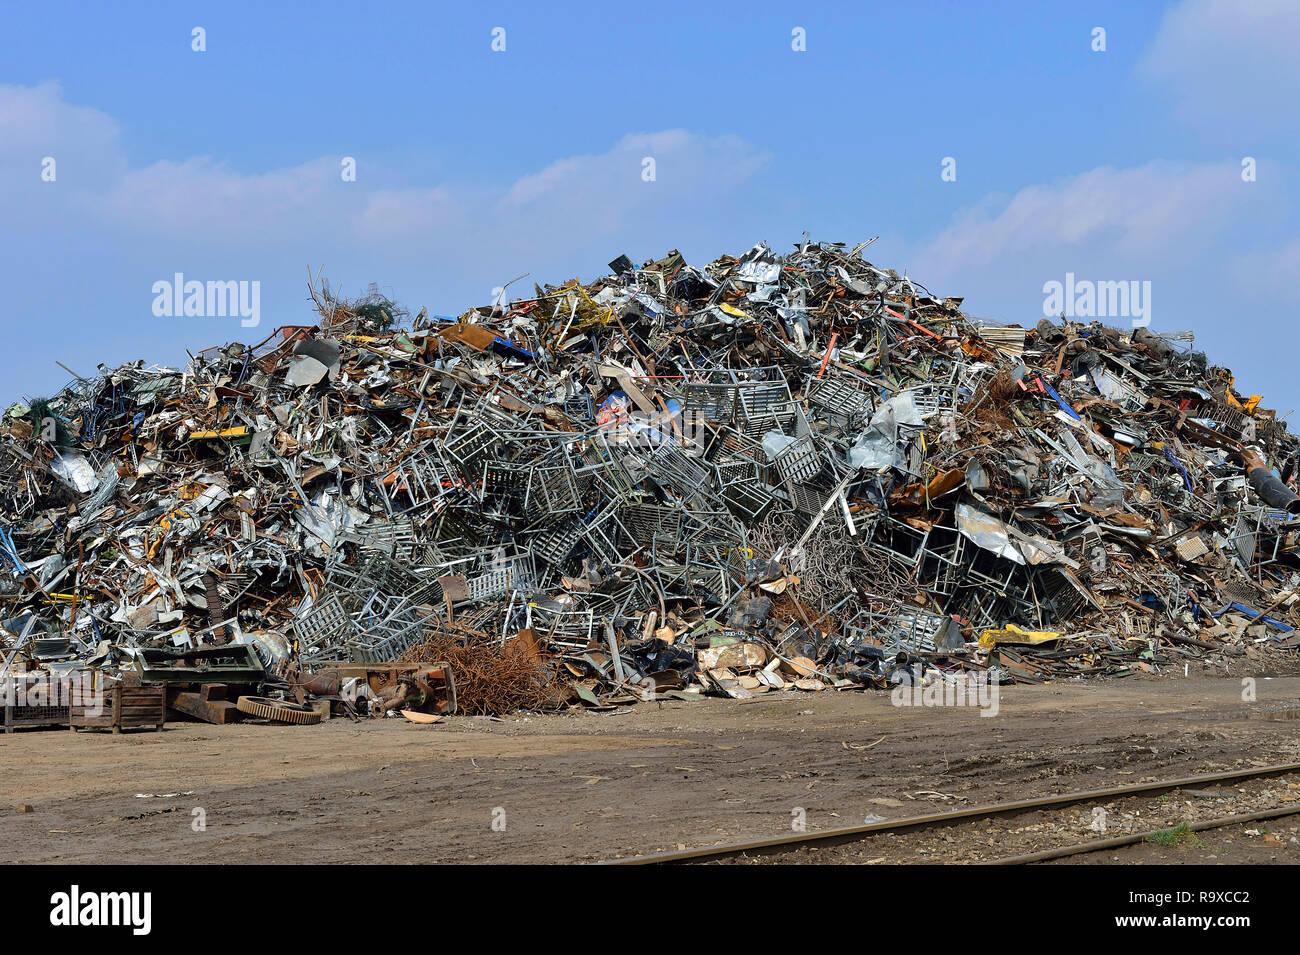 02.05.2018, Duisburg, Nordrhein-Westfalen, Deutschland. Schrottinsel im Duisburger Binnenhafen. Betreiber der Schrottinsel ist die TSR Recycling GmbH  Stock Photo